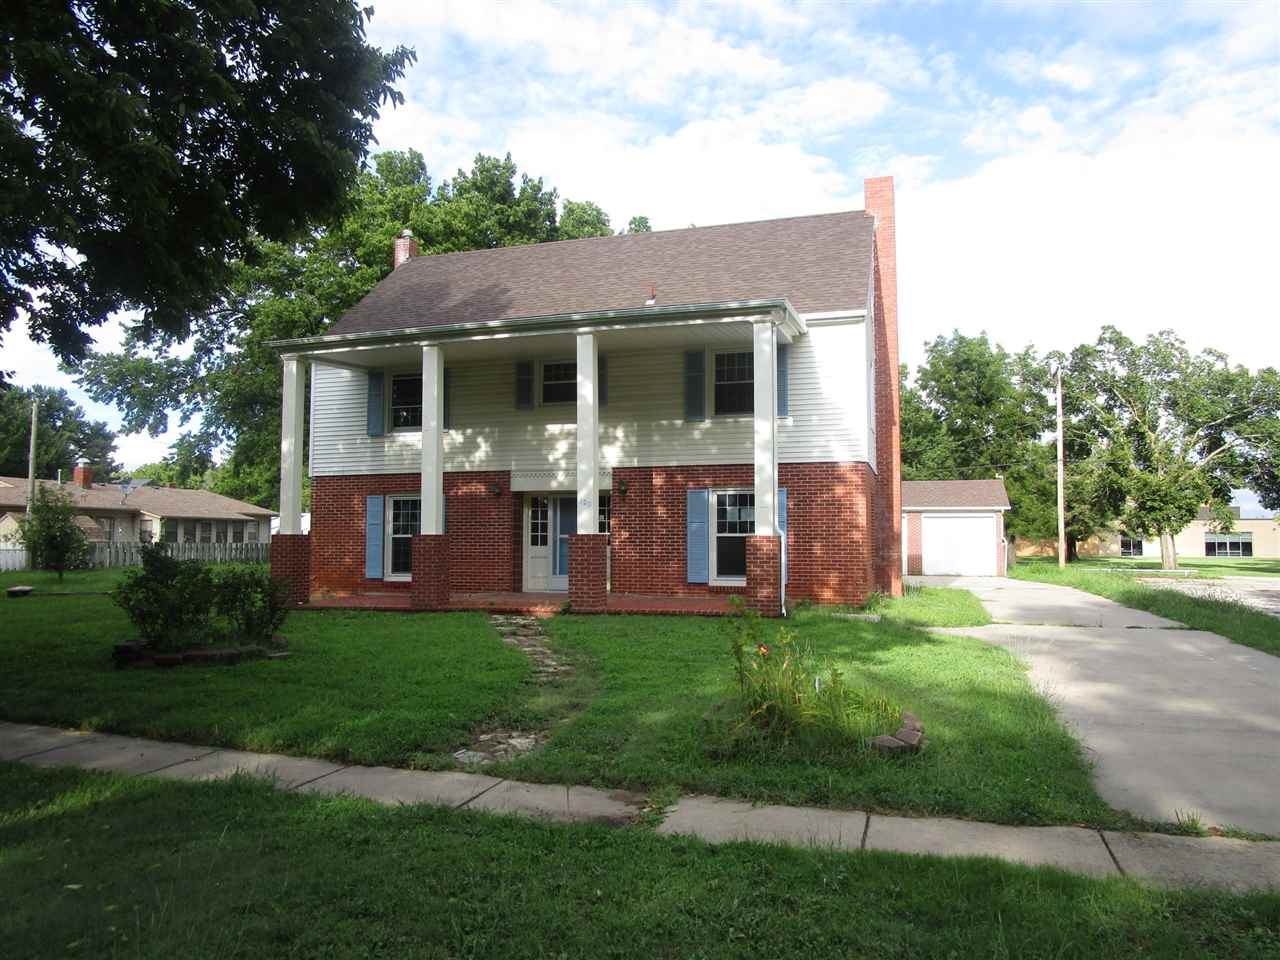 320 S Willow St, Douglass, KS, 67039